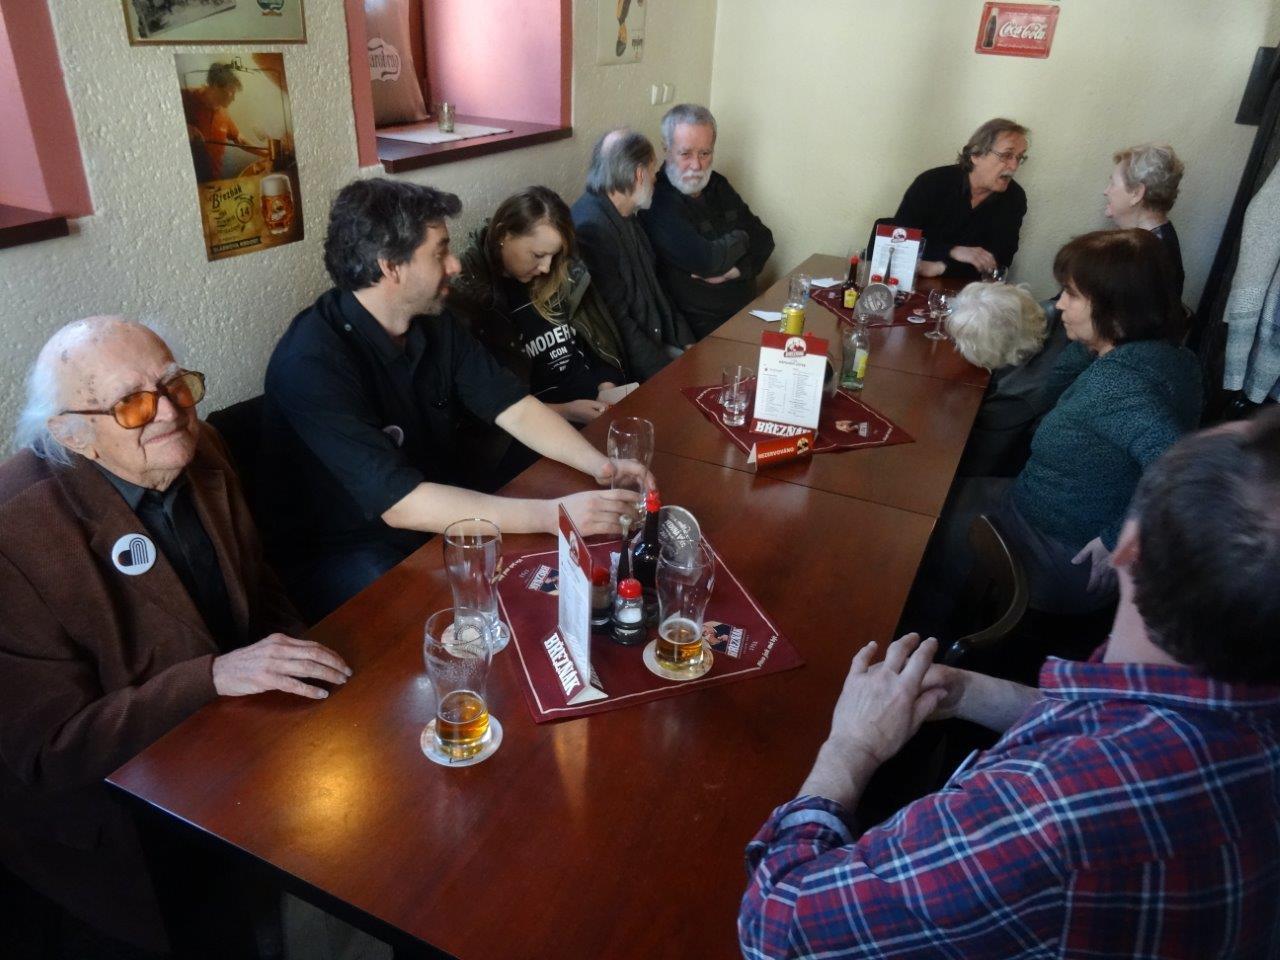 Zleva maželé Haščákovi, Dušan Junek, Jiří Eliška, Hana Hudečková, Vlasta Brímová, Alena Rajlichová, Jan Schicker